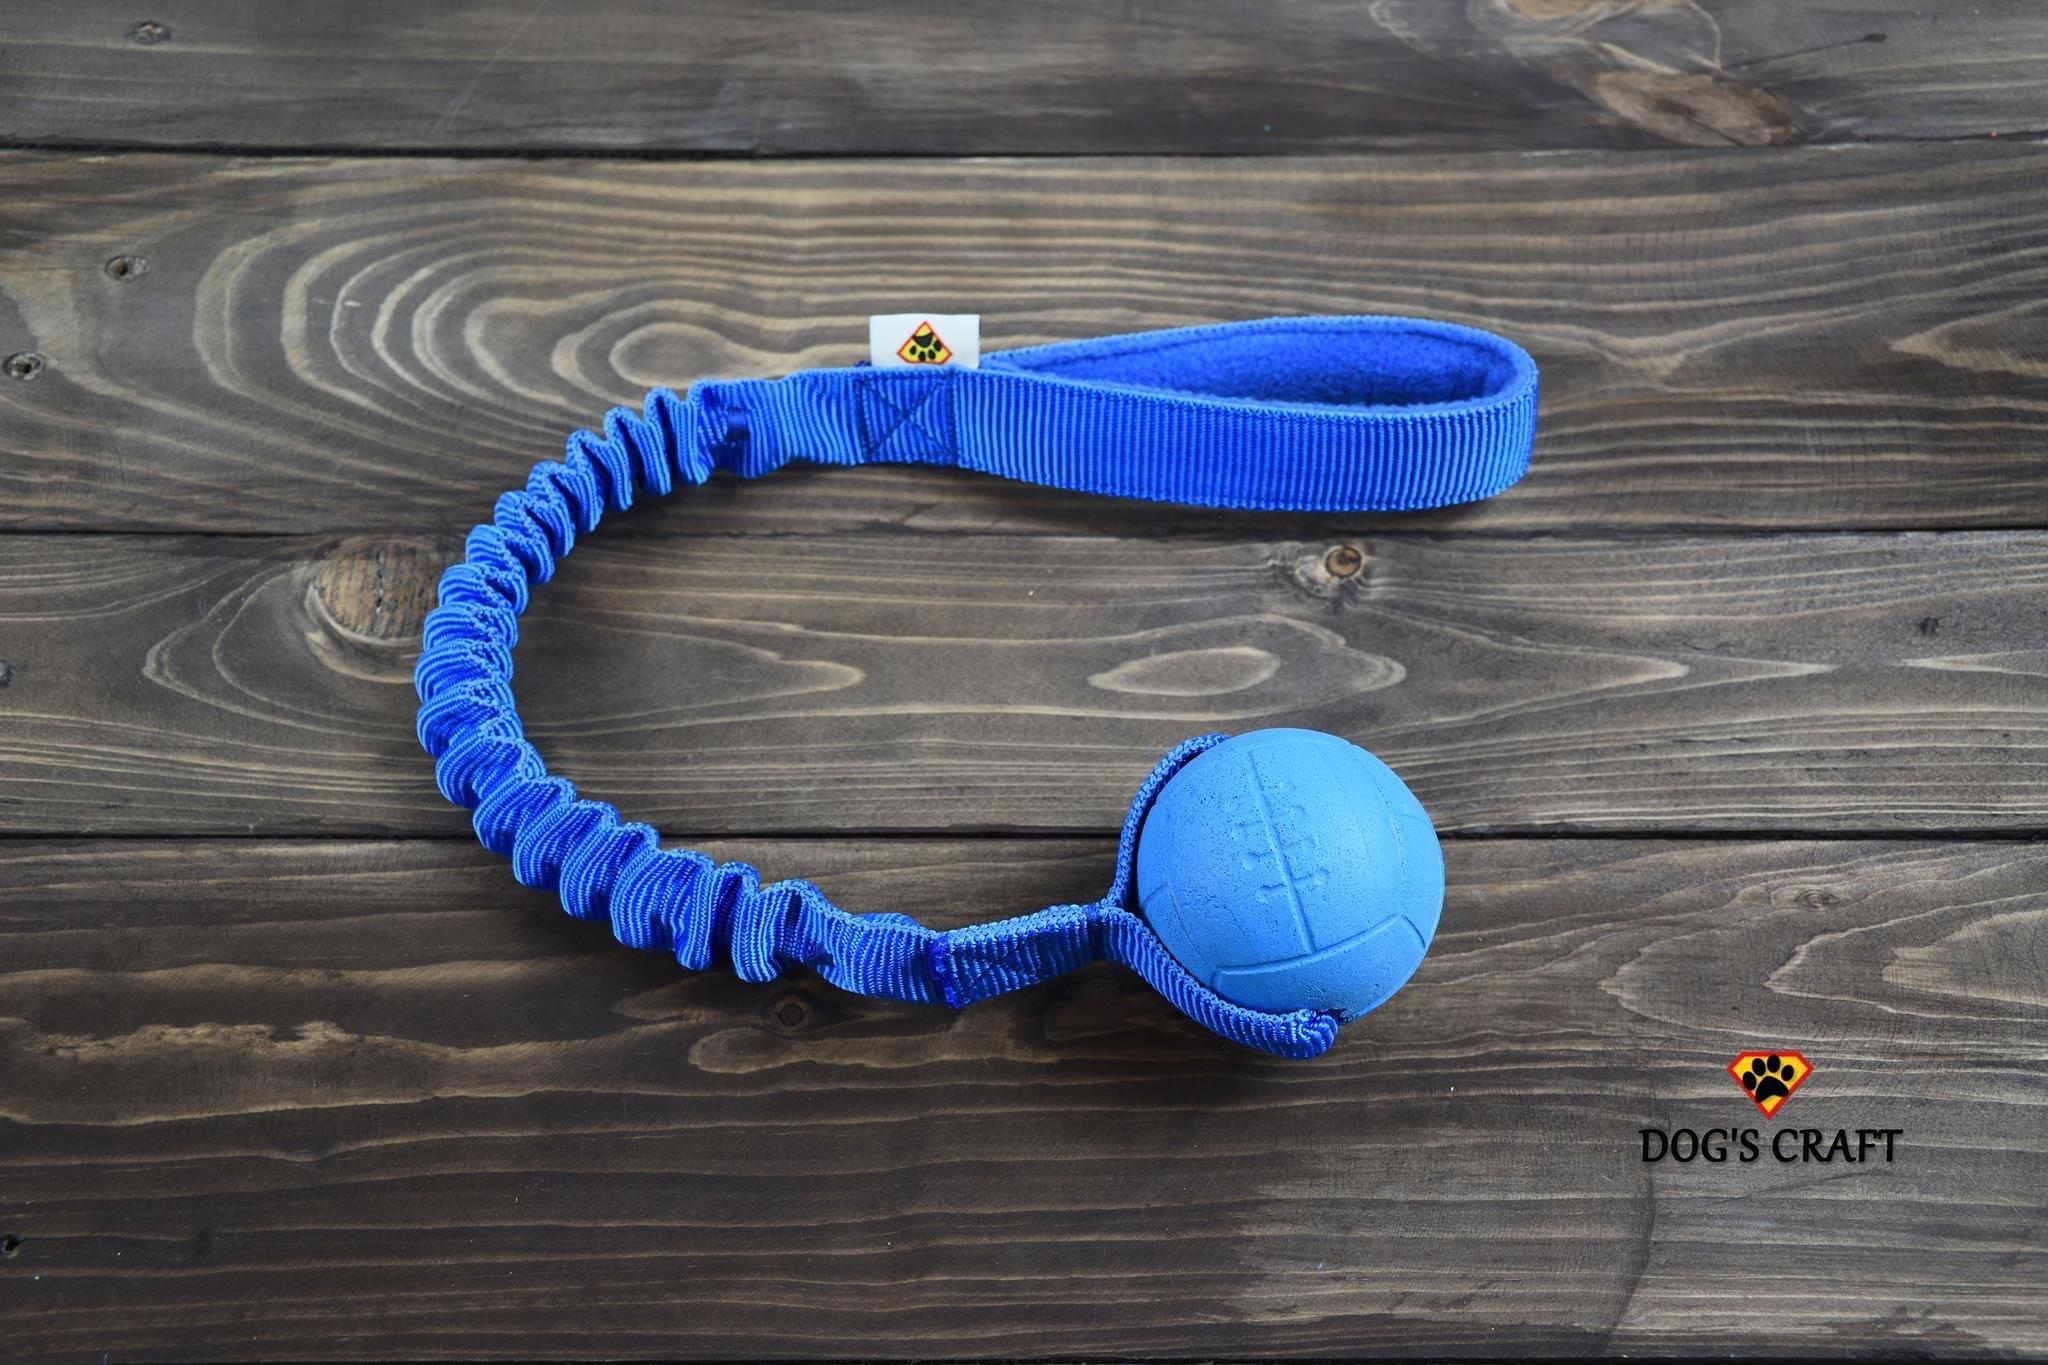 Dog's Craft Dog's Craft Hoko Basic M